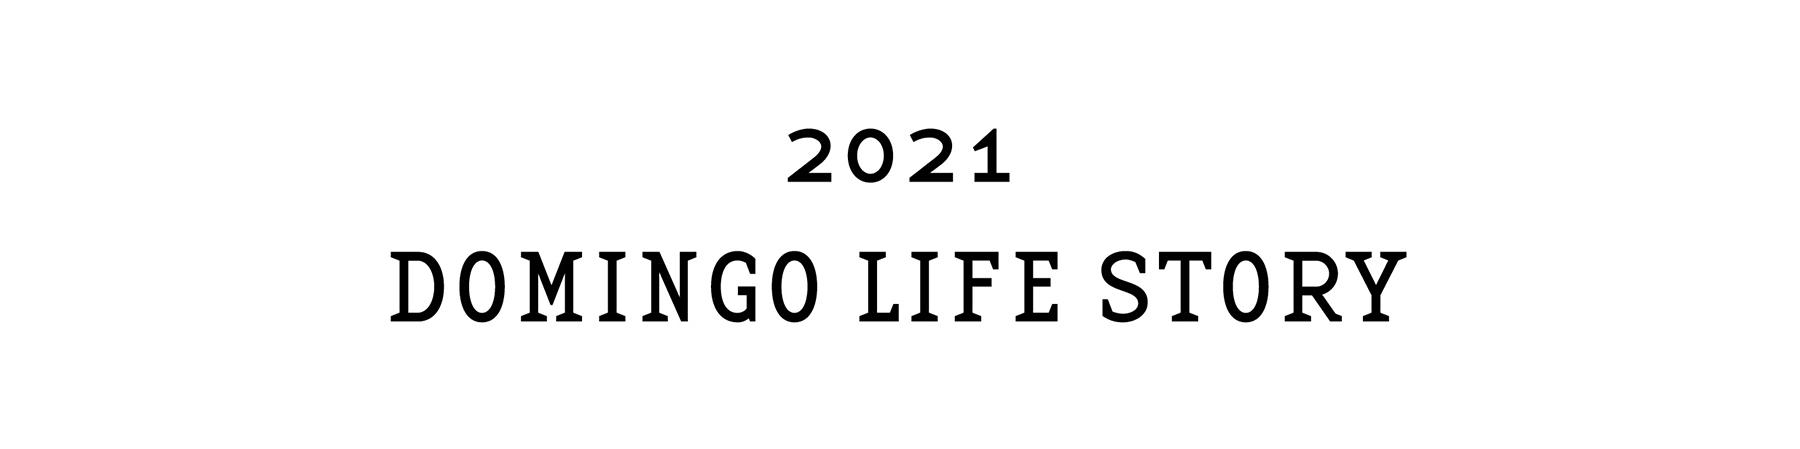 DOMINGO LIFE STORY